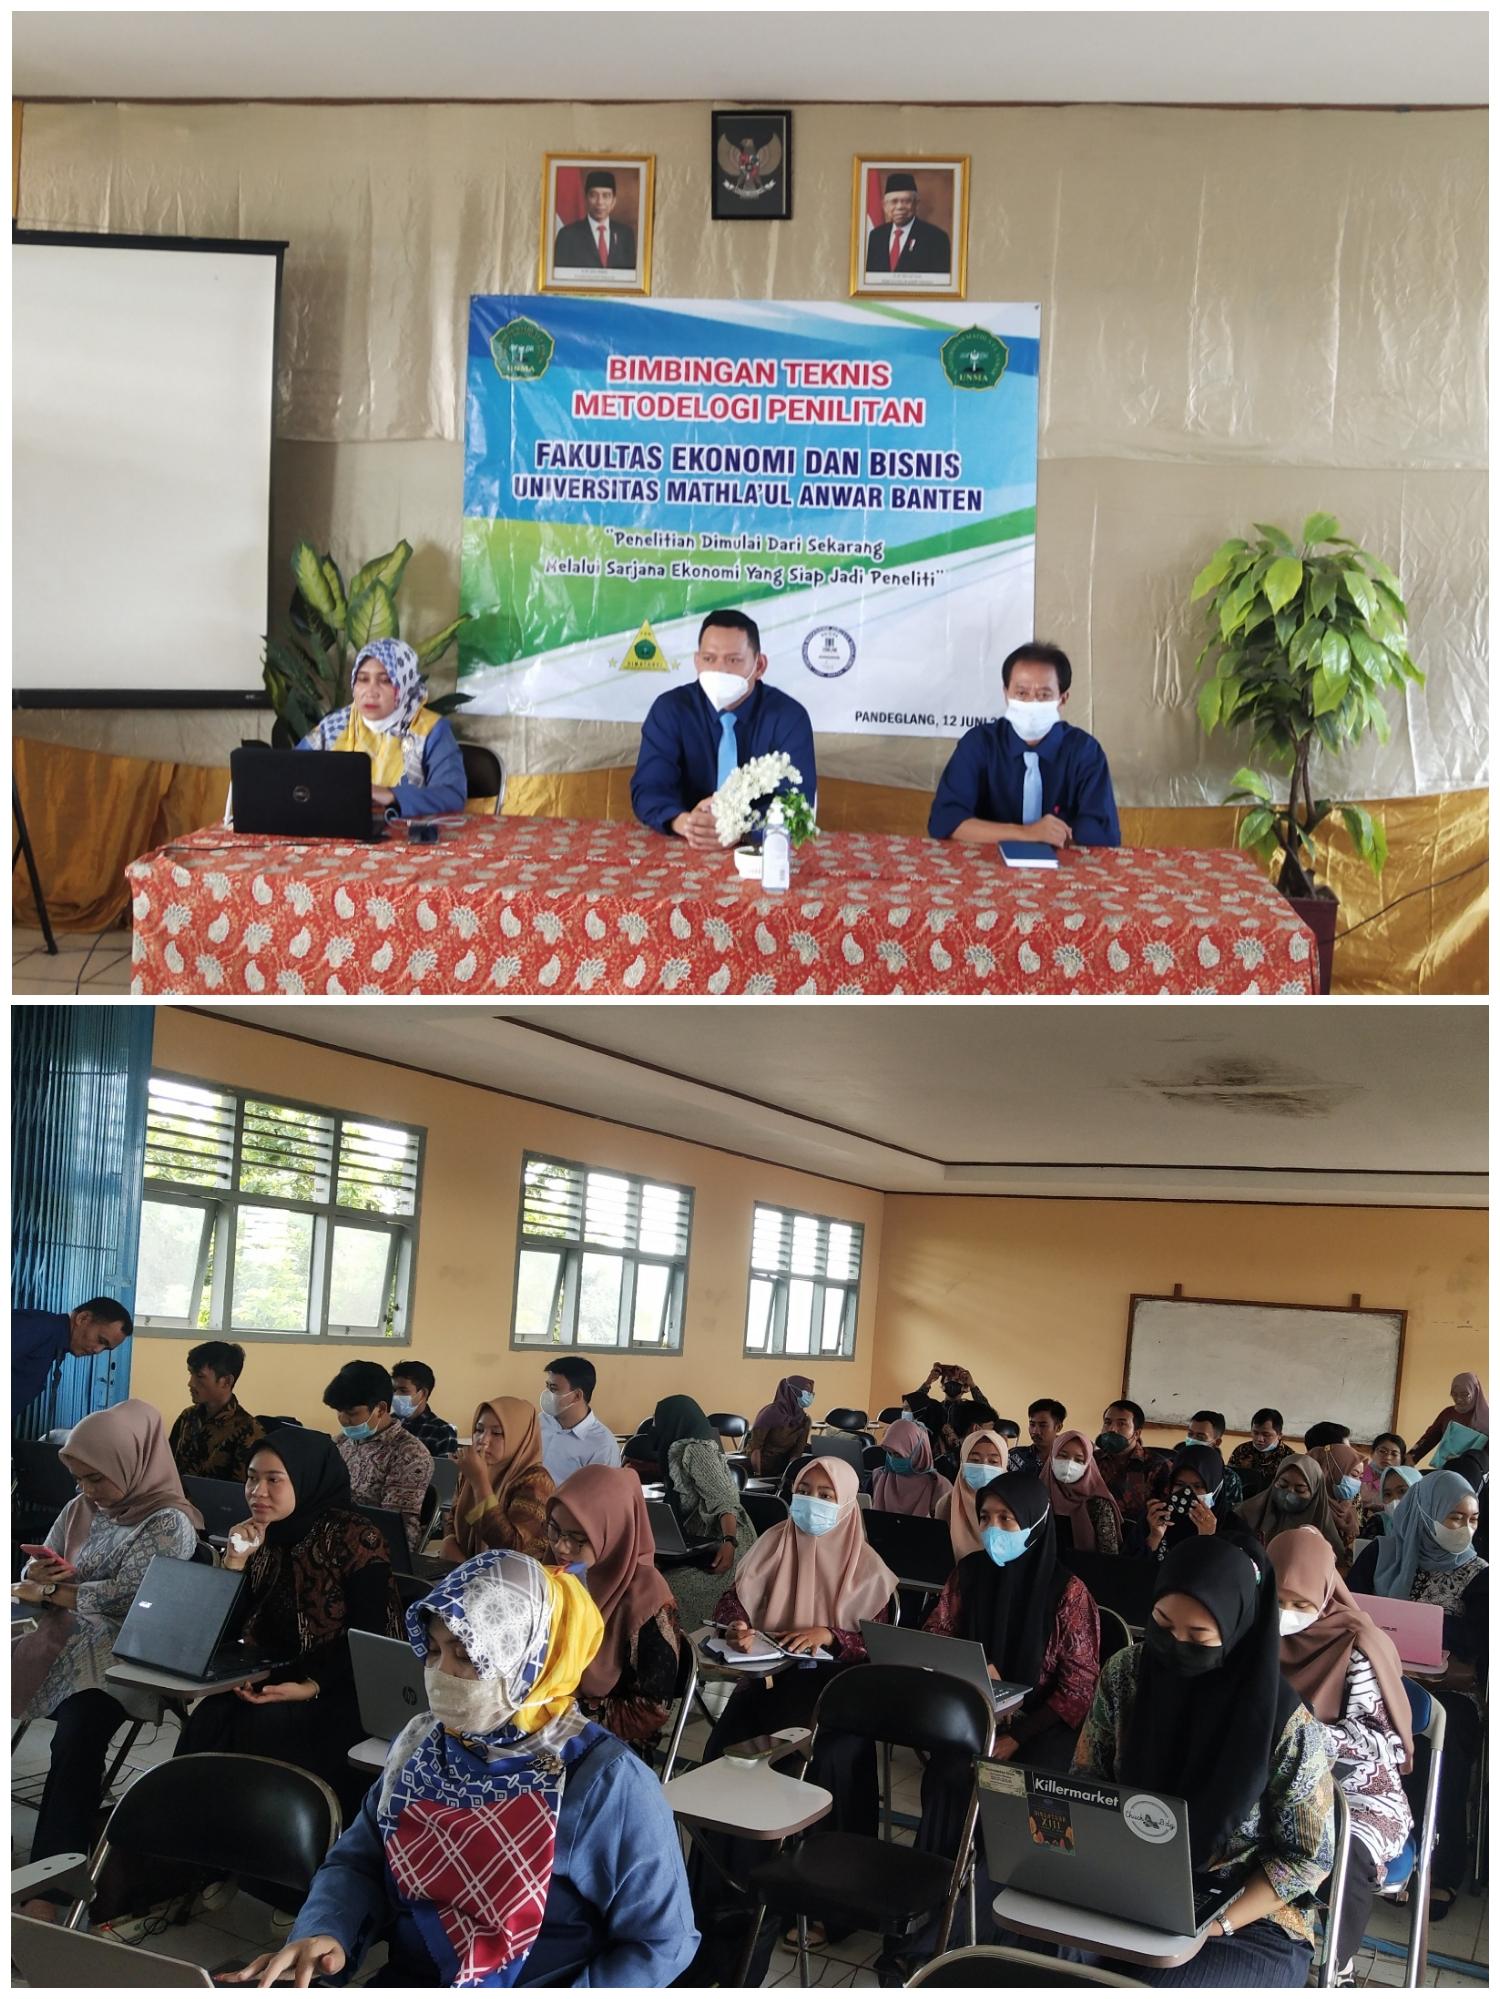 Bimbingan Teknis Metodelogi Penelitian Fakultas Ekonomi dan Bisnis Universitas Mathla'ul Anwar Banten